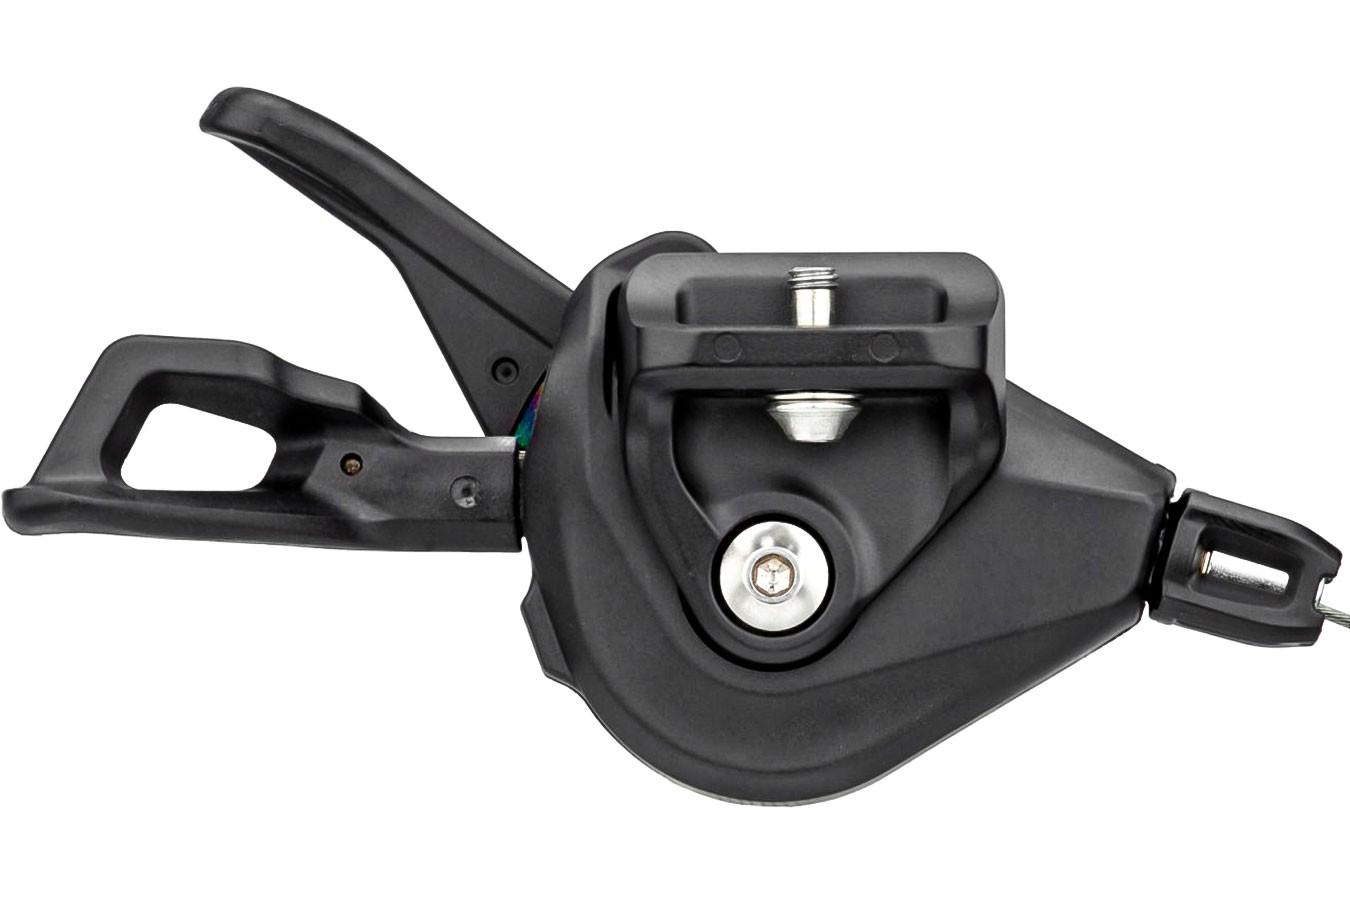 Alavanca de câmbio 12 velocidades SLX SL-M7100-R direita Shimano